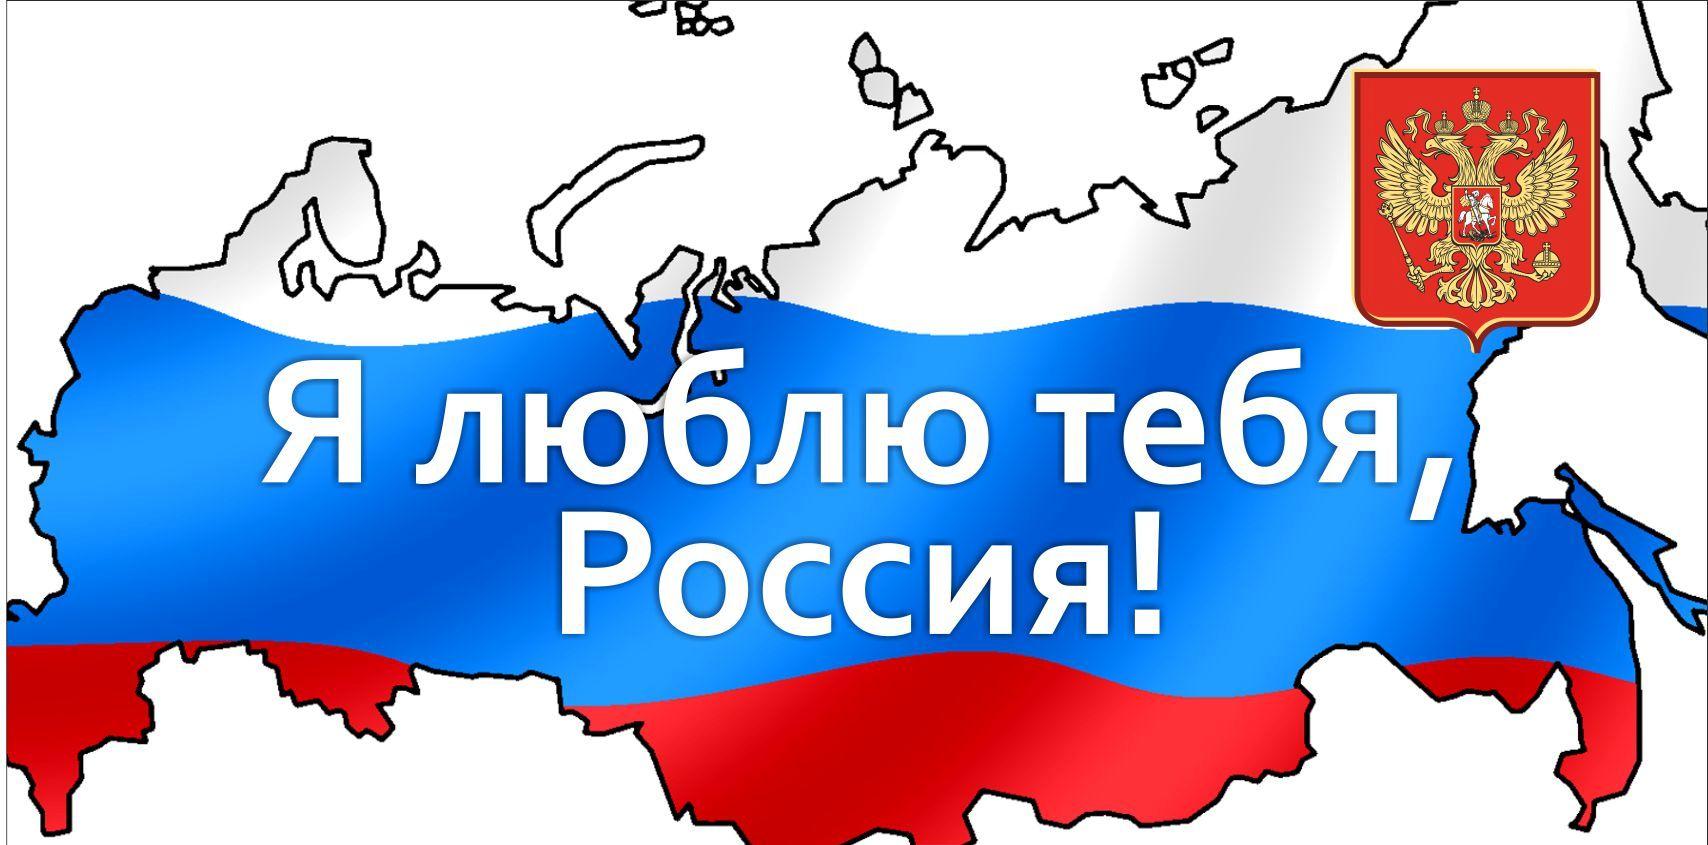 Я люблю россию картинки, красивые